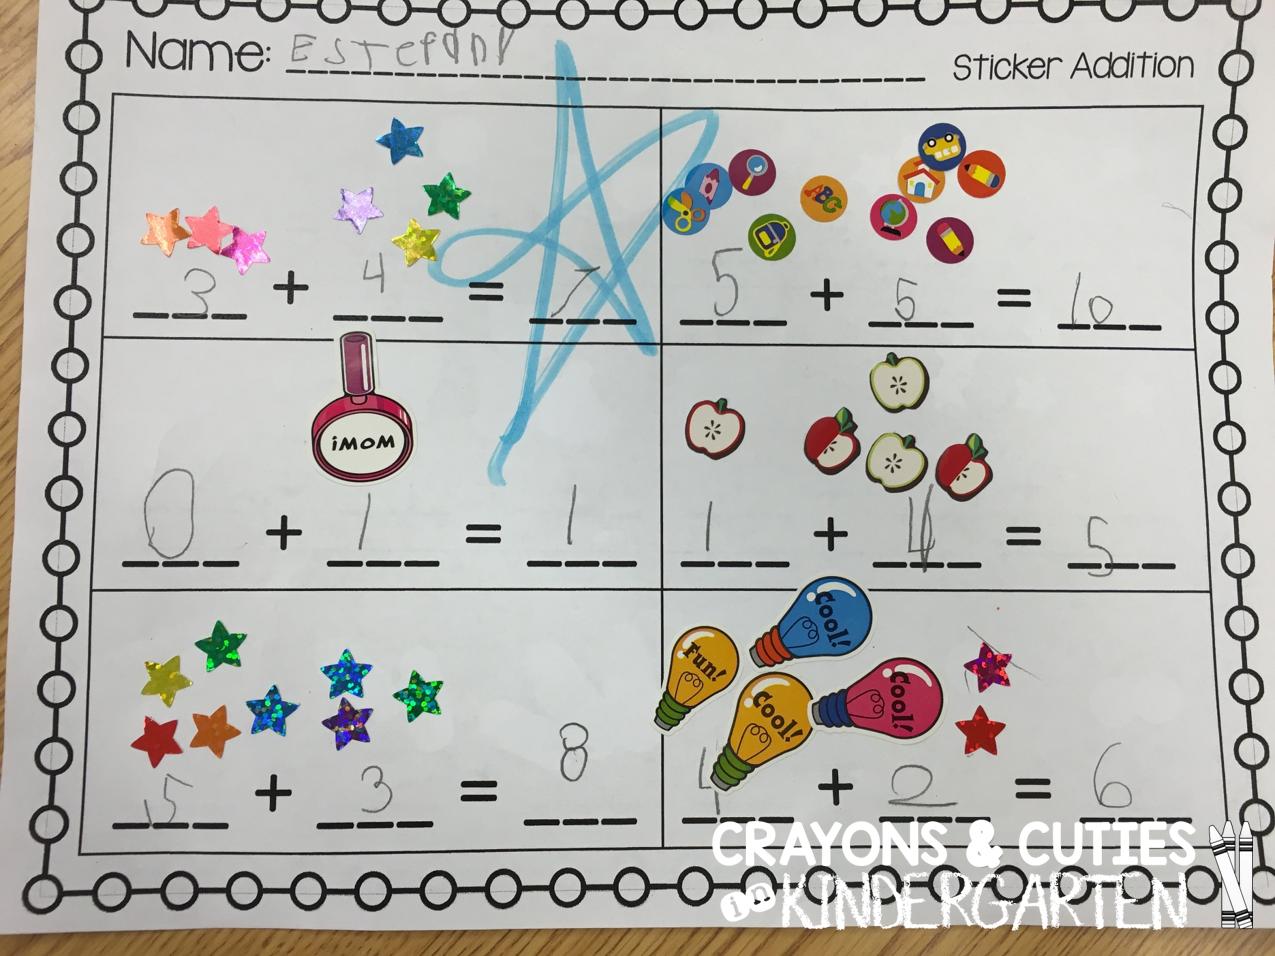 Crayons Amp Cuties In Kindergarten Sticker Addition